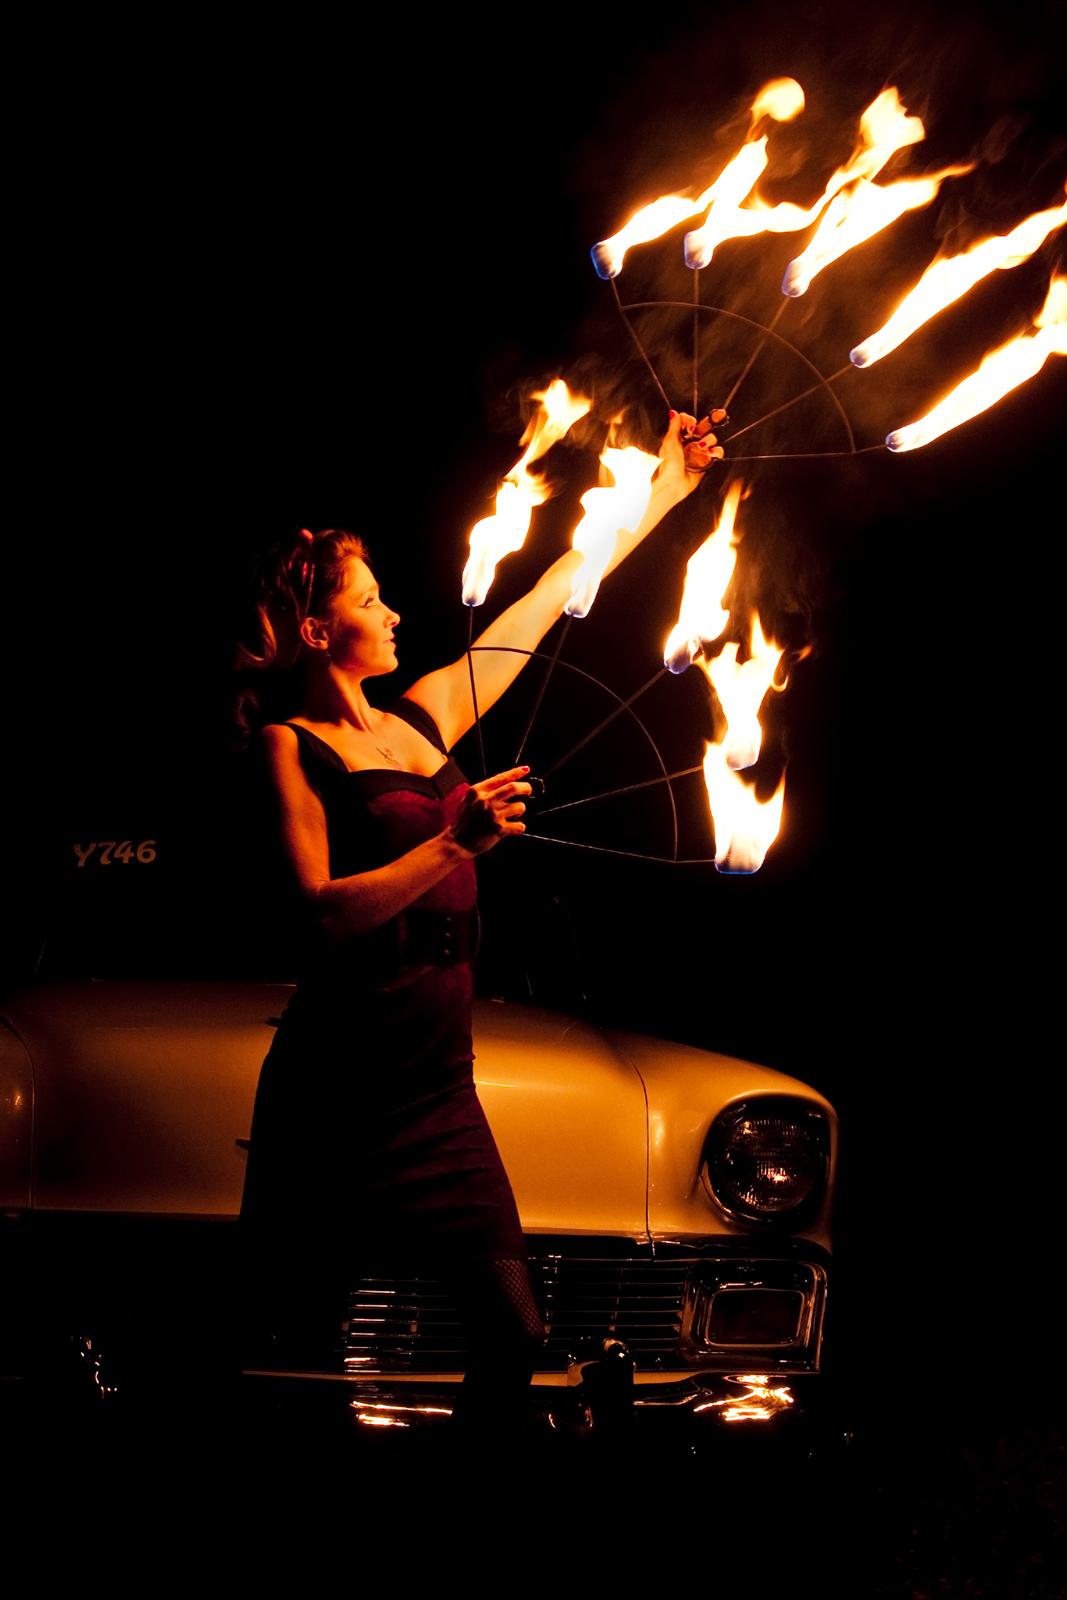 Brokvist_Mana-Fire_Rockabilly-22.jpg